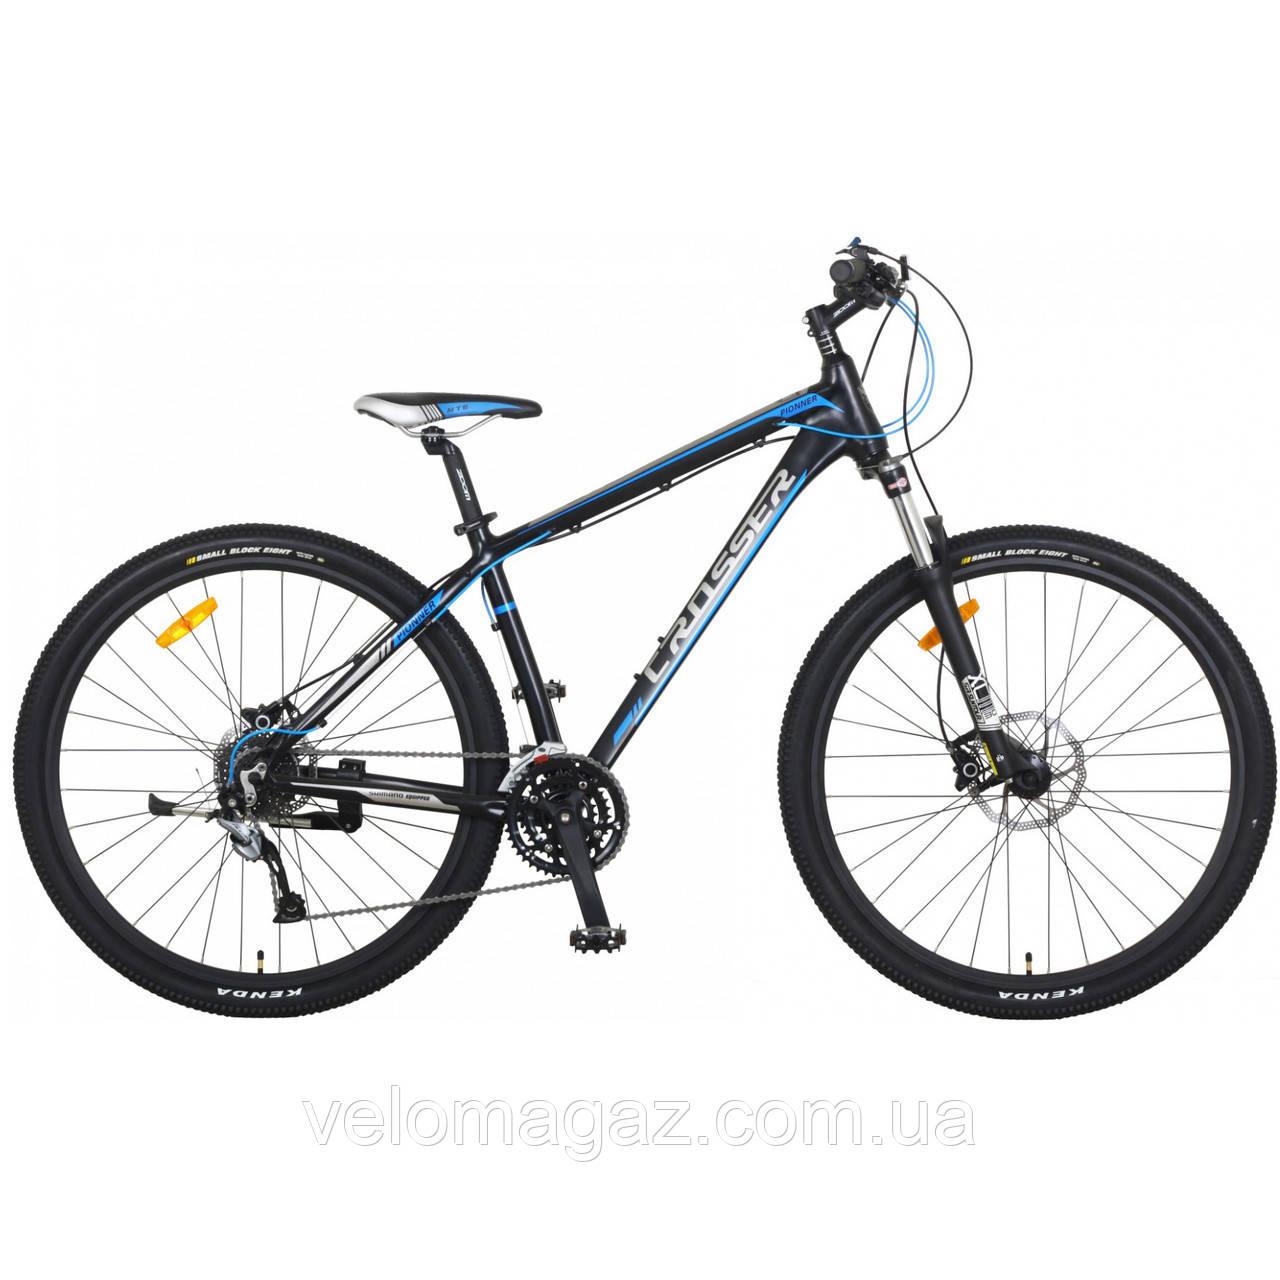 """Велосипед CROSSER Pionner*17 26"""" сіро-блакитний, алюмінієвий, гірський гідравліка"""